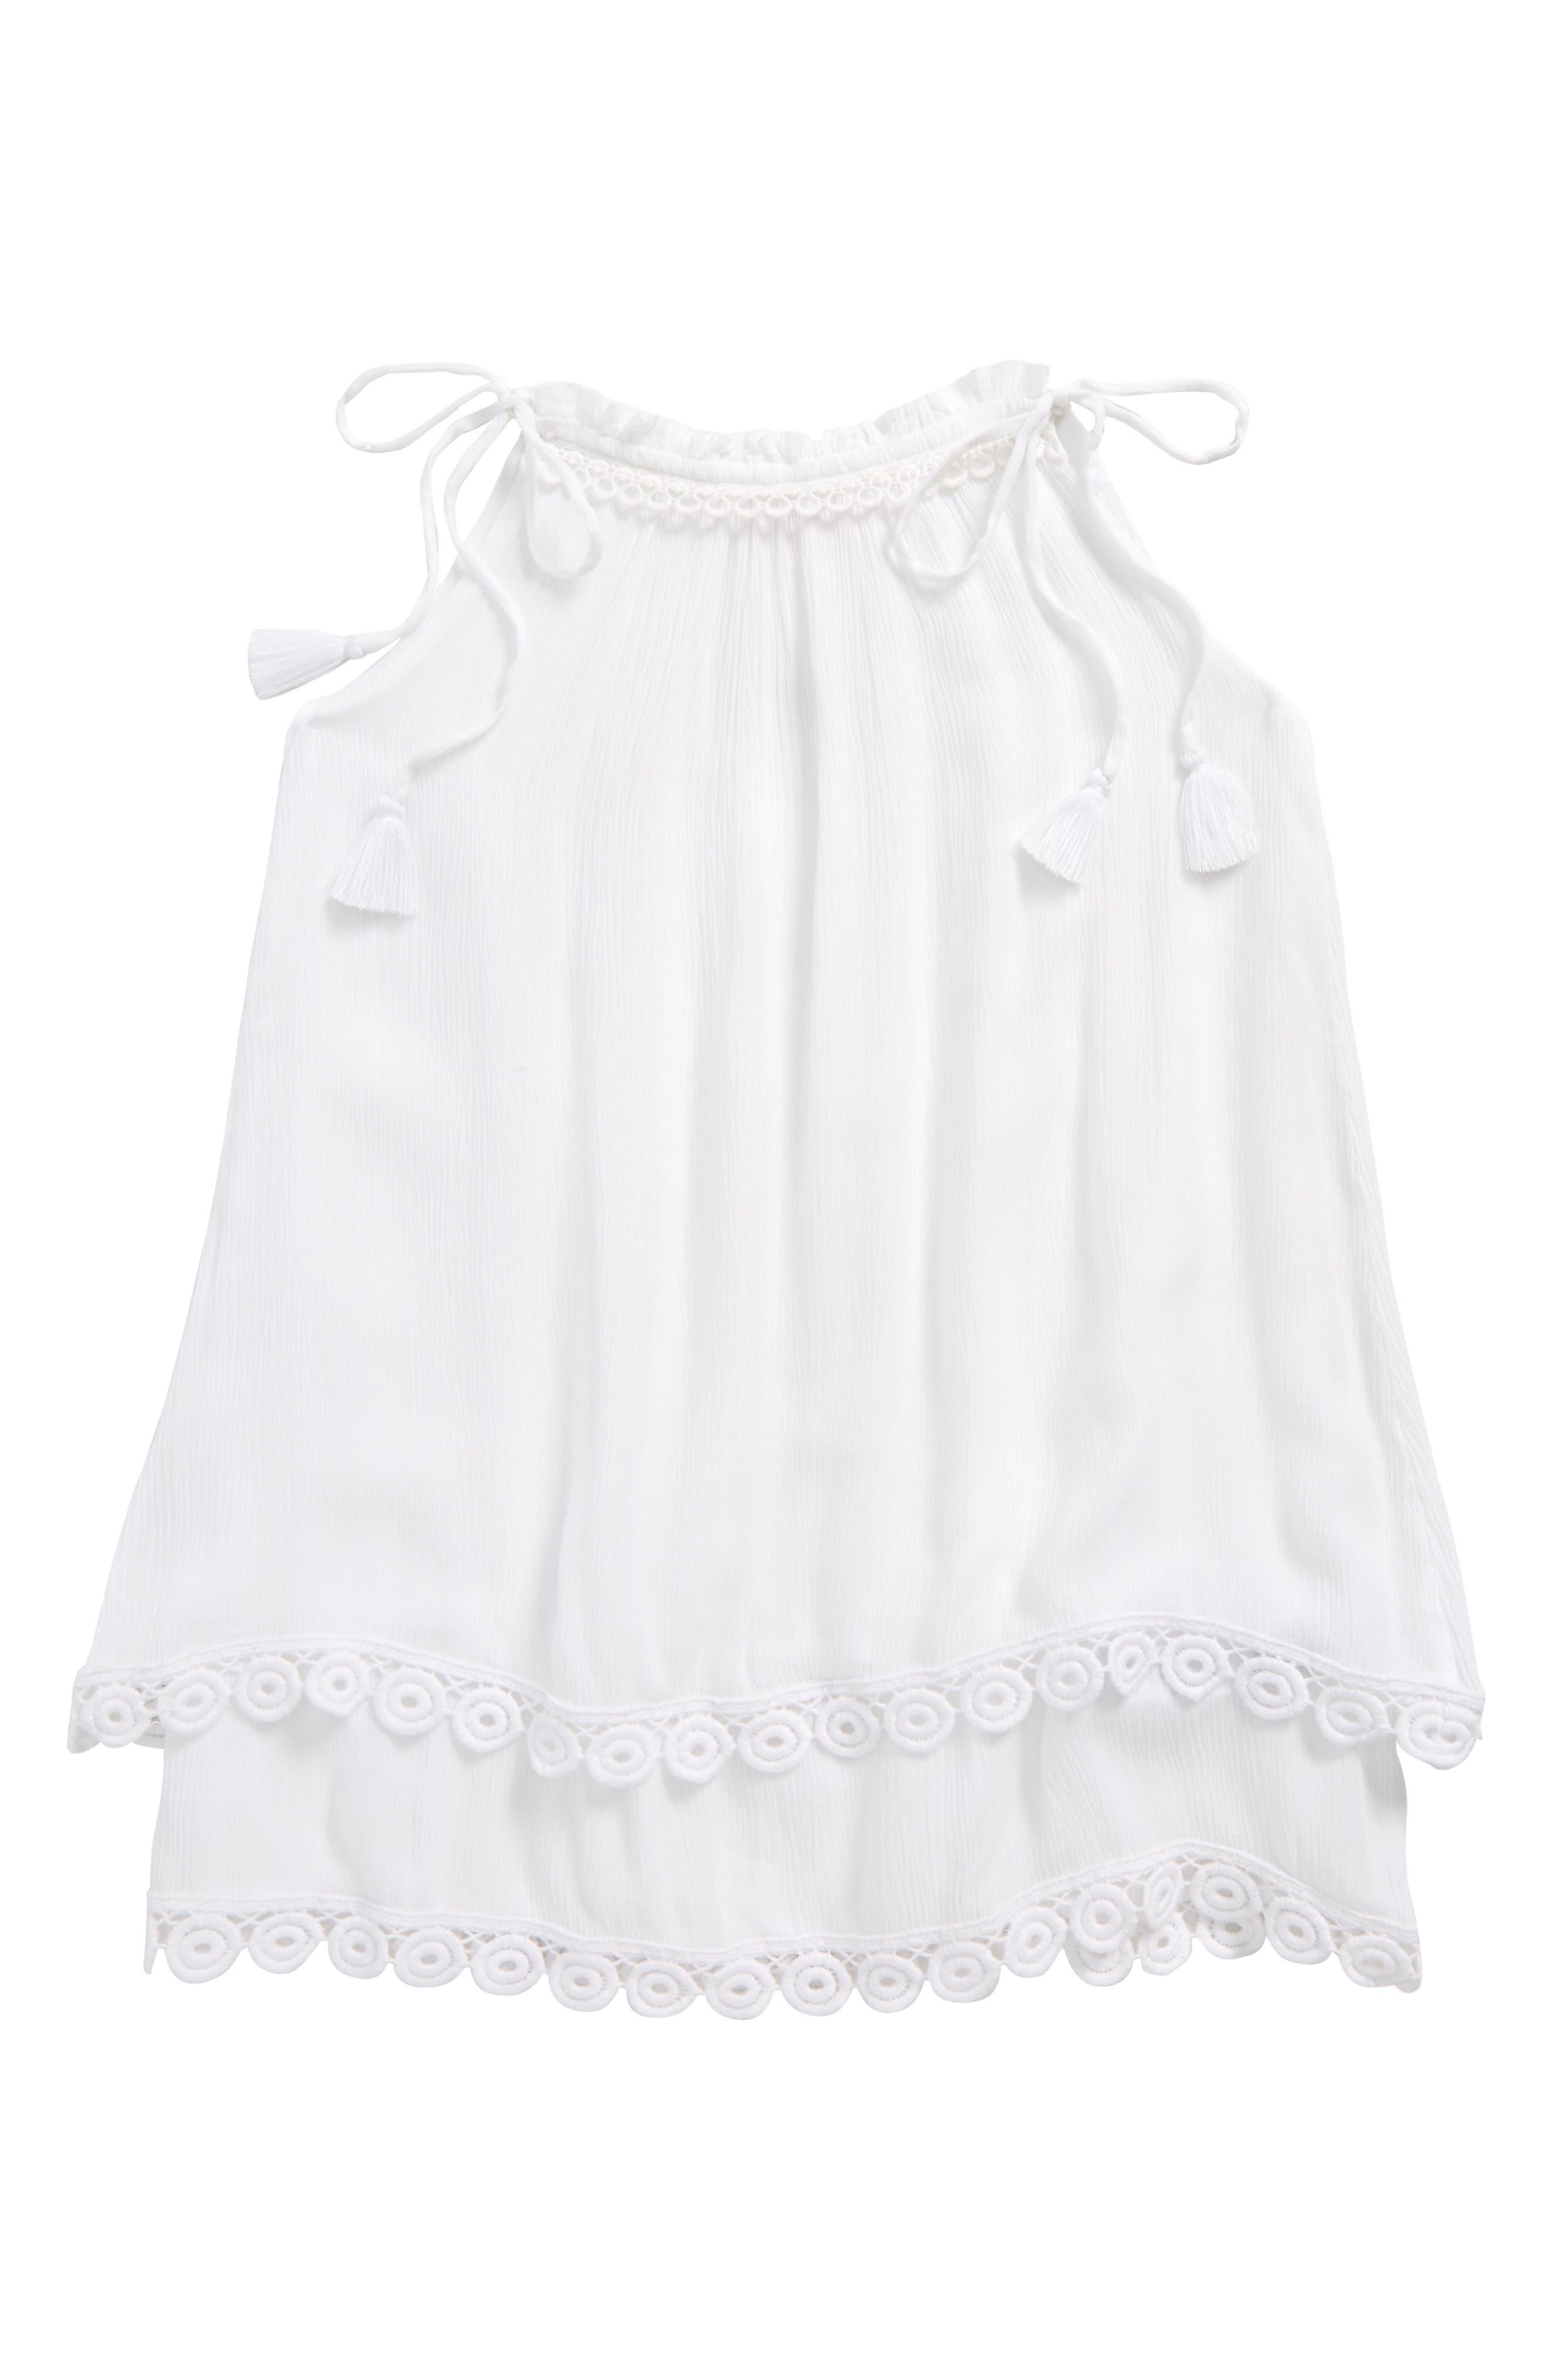 Main Image - OndadeMar Cover-Up Dress (Little Girls & Big Girls)